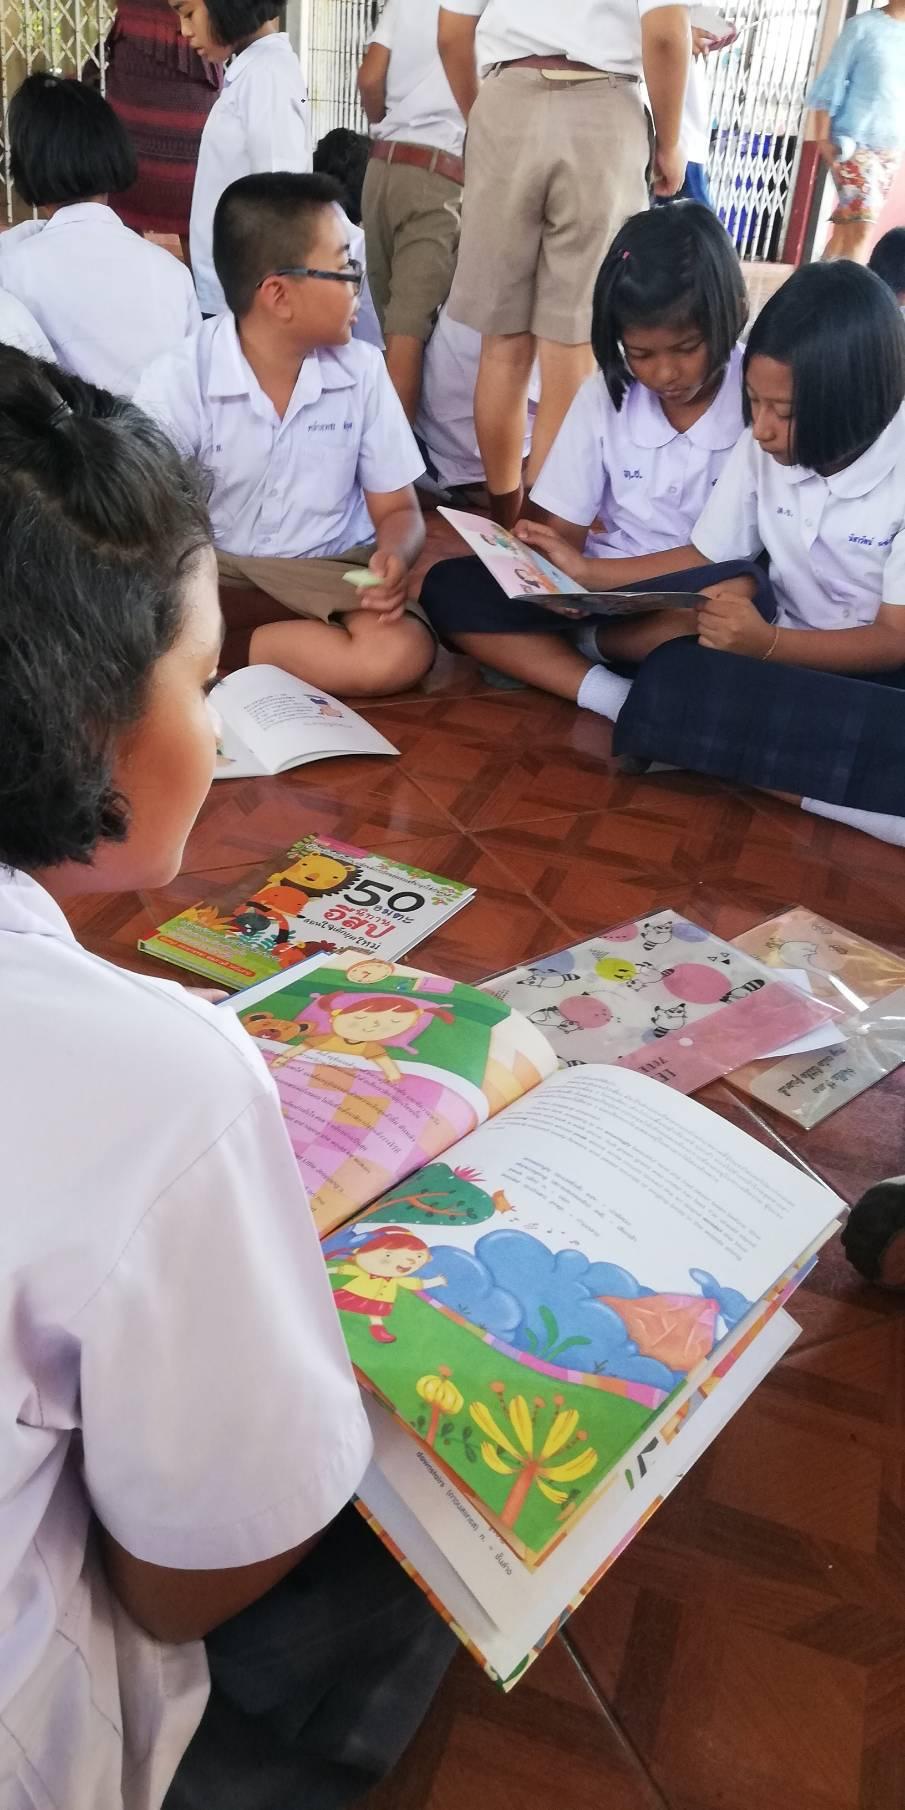 โครงการหอสมุดแห่งชาติสู่สถานศึกษาและชุมชน ประจำปี ๒๕๖๓ (ครั้งที่ ๒)